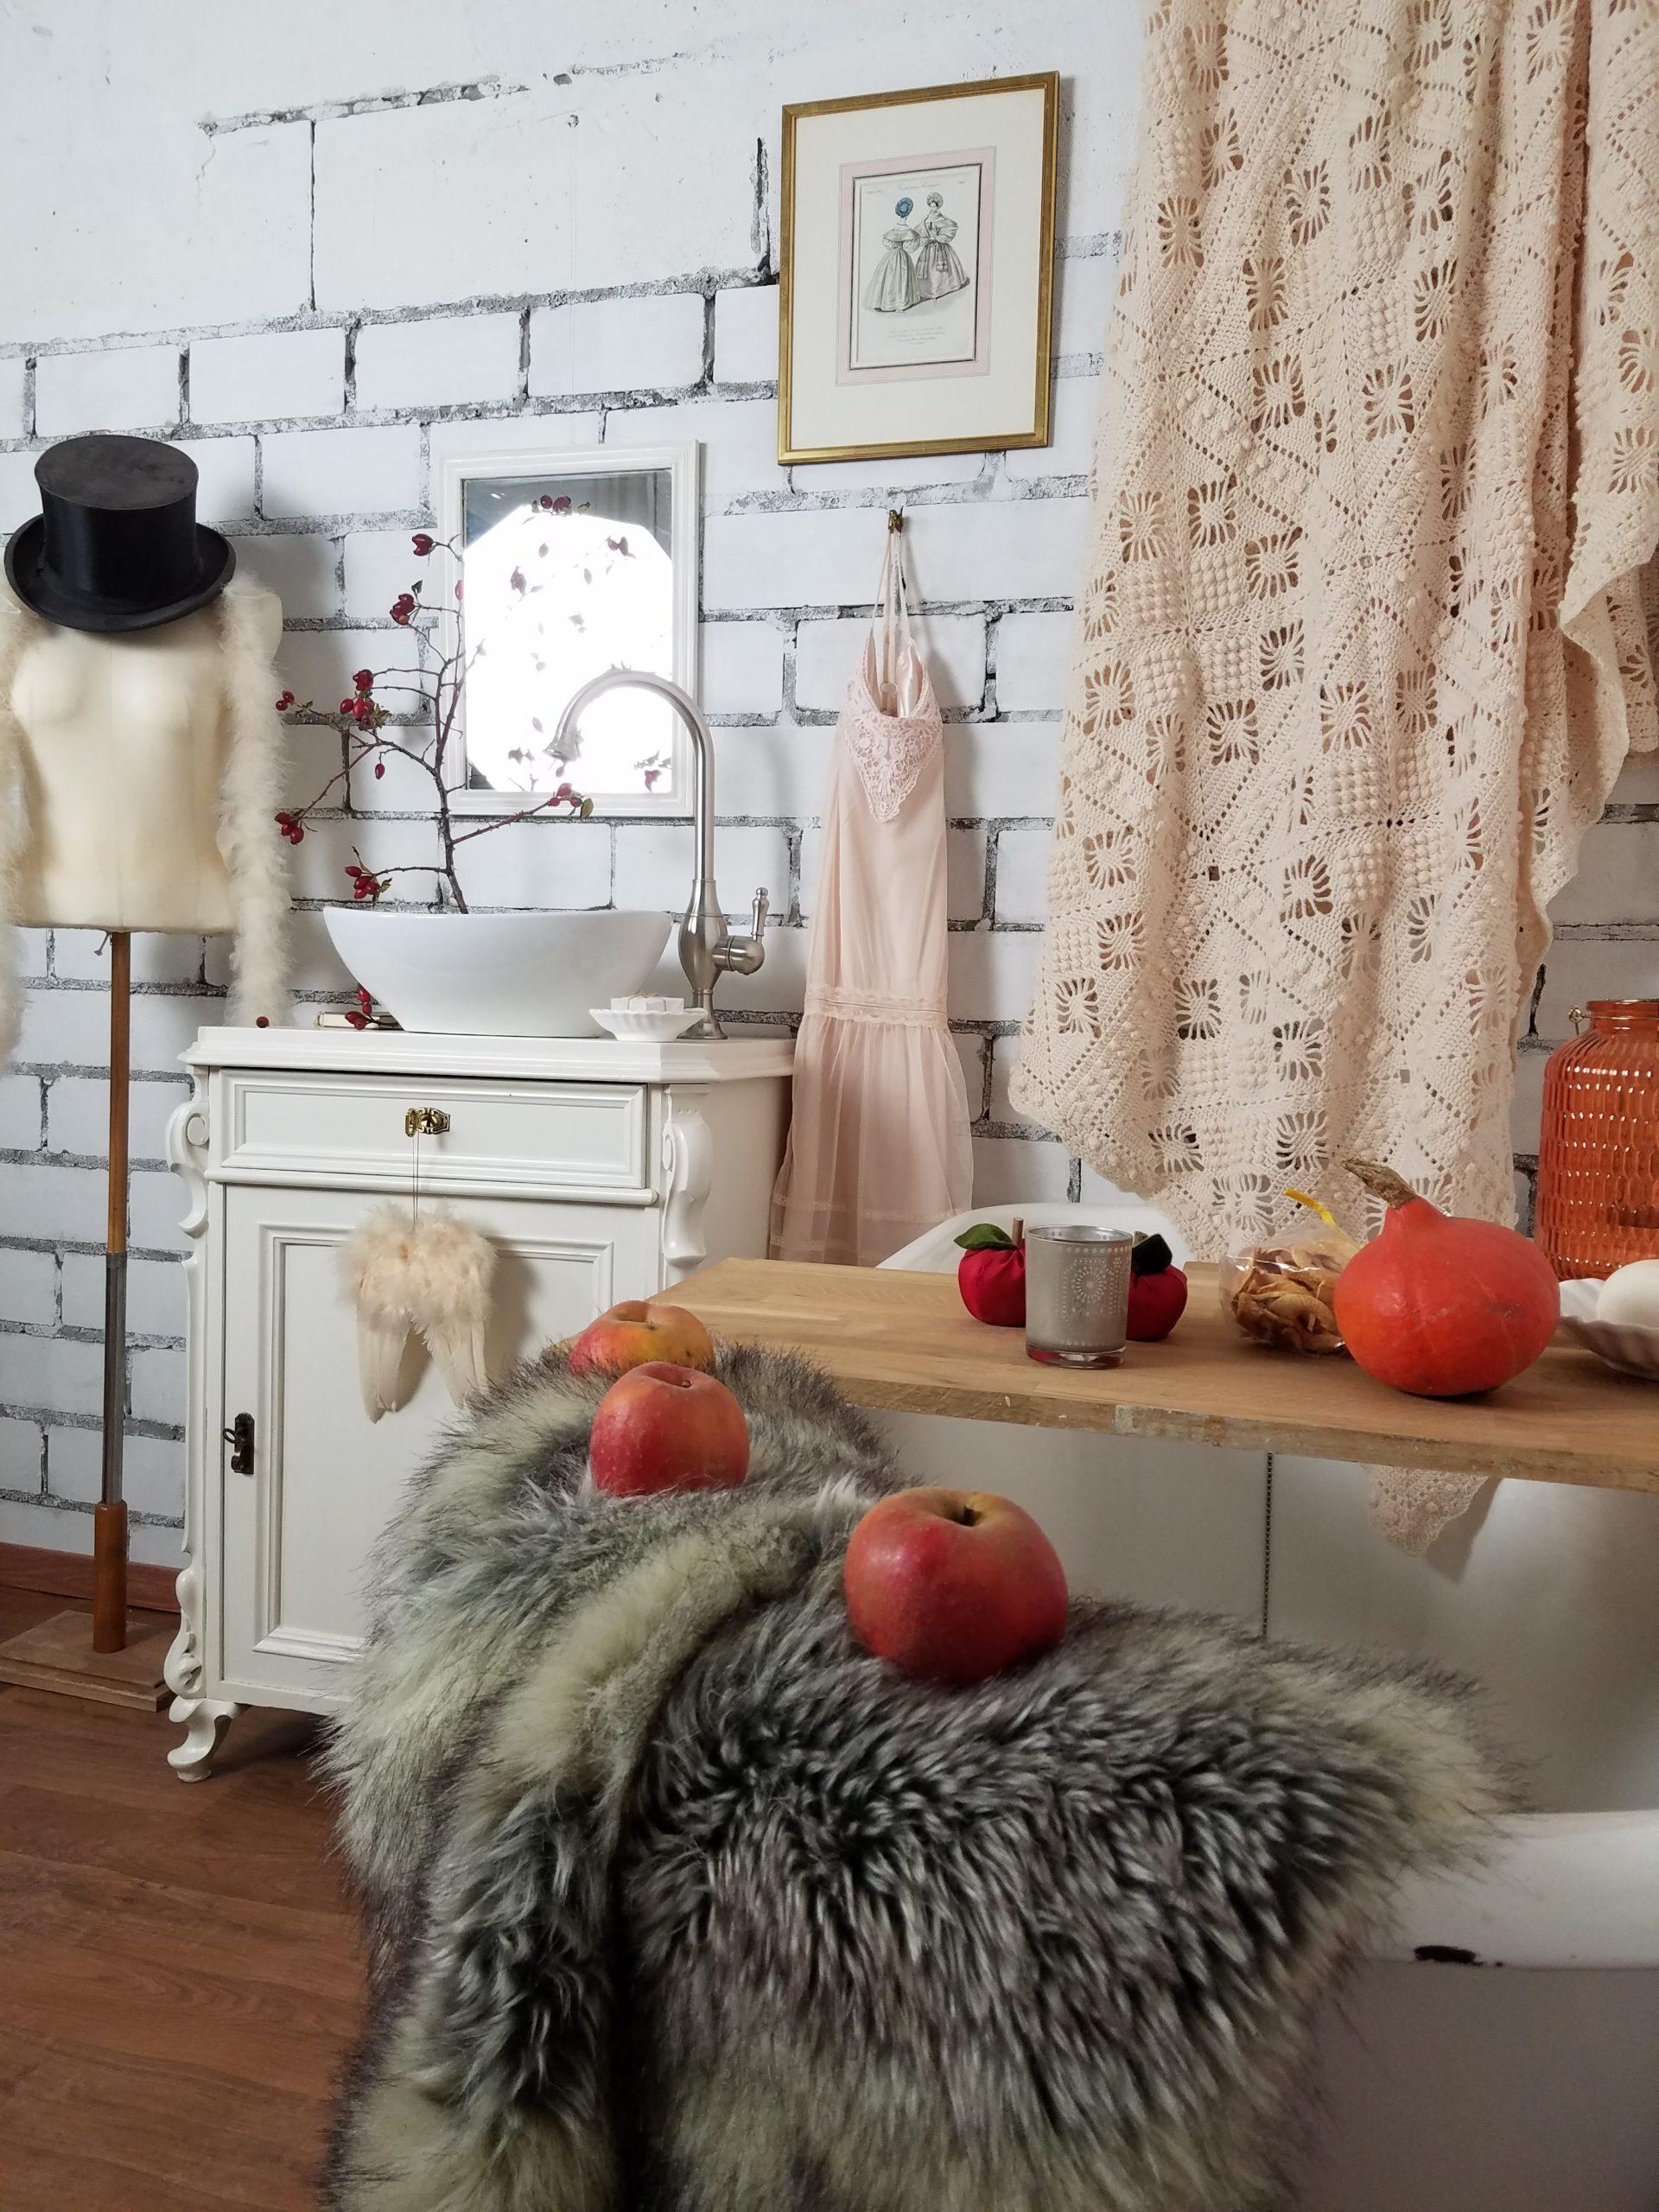 Warum Badezimmermöbel im Landhausstil?